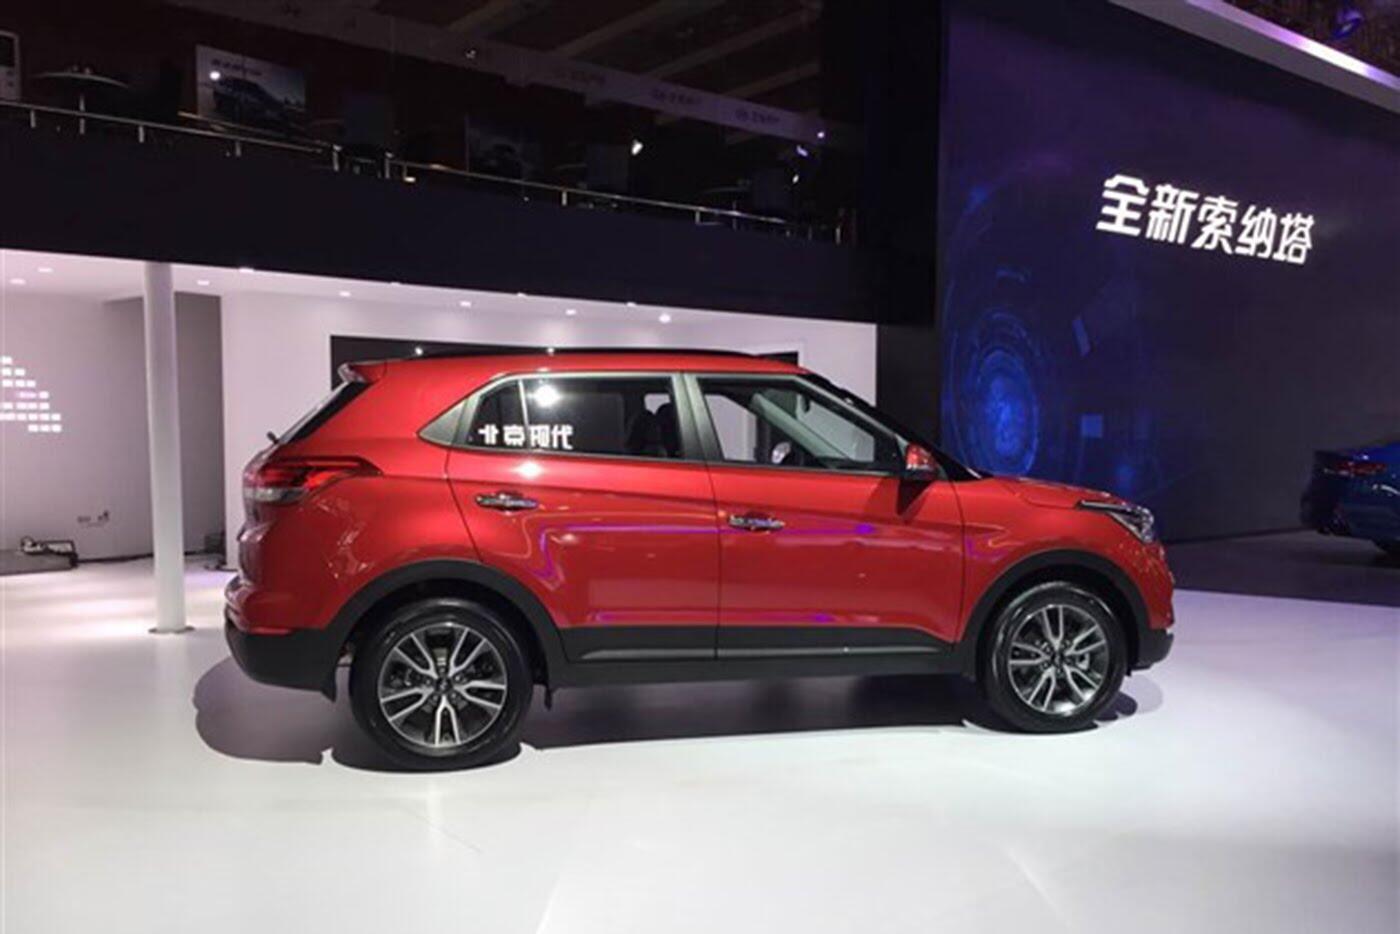 Hyundai Creta 2017 phiên bản nâng cấp chính thức trình làng - Hình 3